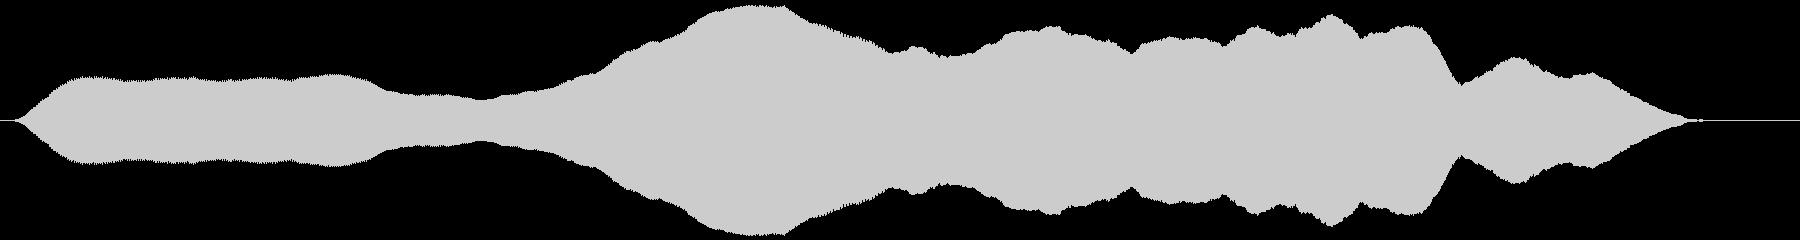 オノマトペ(ゆっくりと上昇)ヒヨーォーゥの未再生の波形